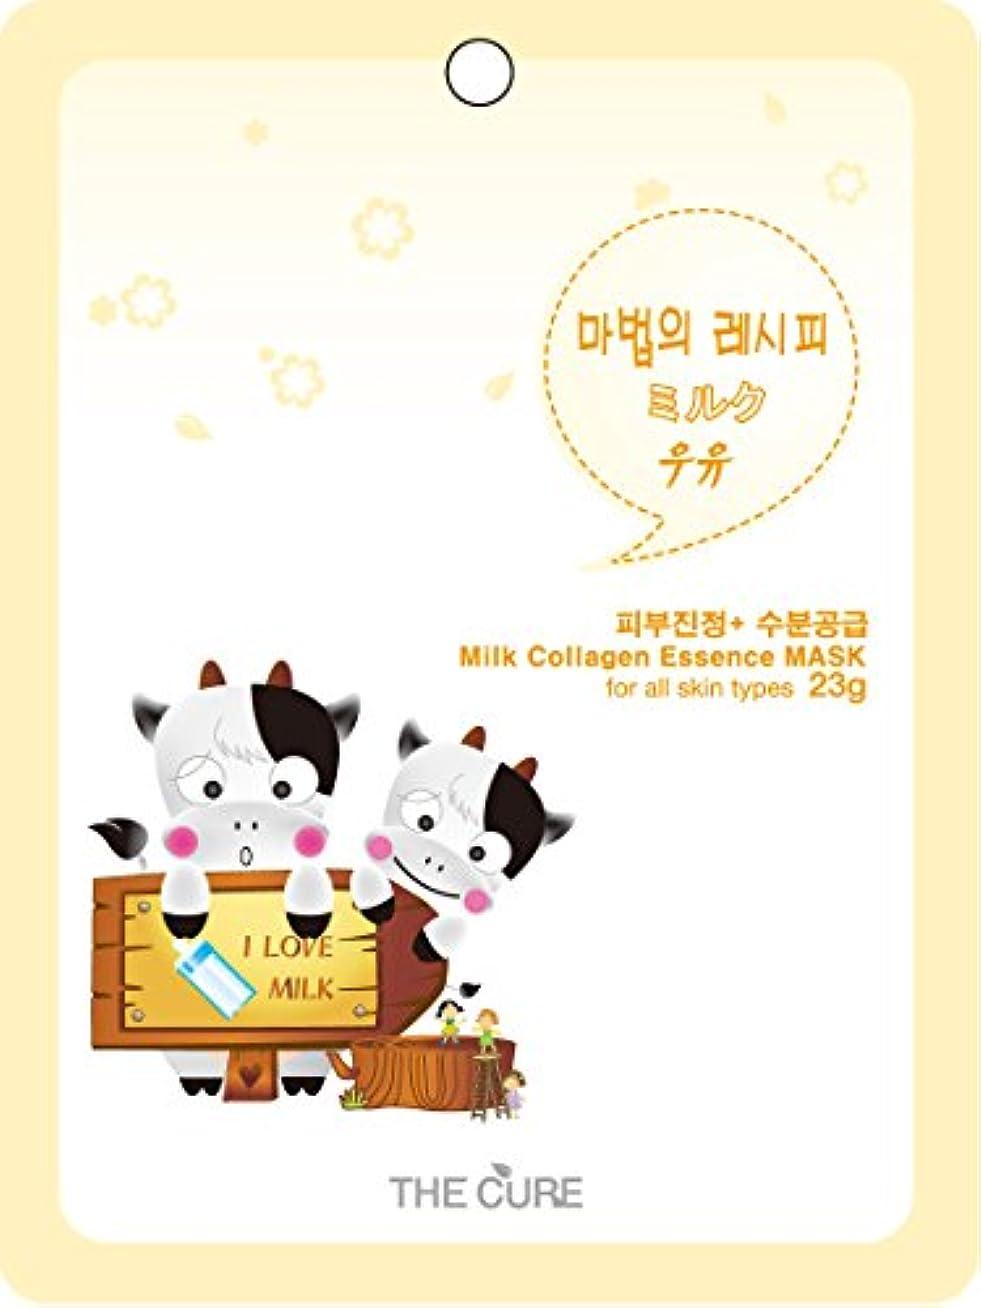 ヒント受信戸棚ミルク コラーゲン エッセンス マスク THE CURE シート パック 100枚セット 韓国 コスメ 乾燥肌 オイリー肌 混合肌